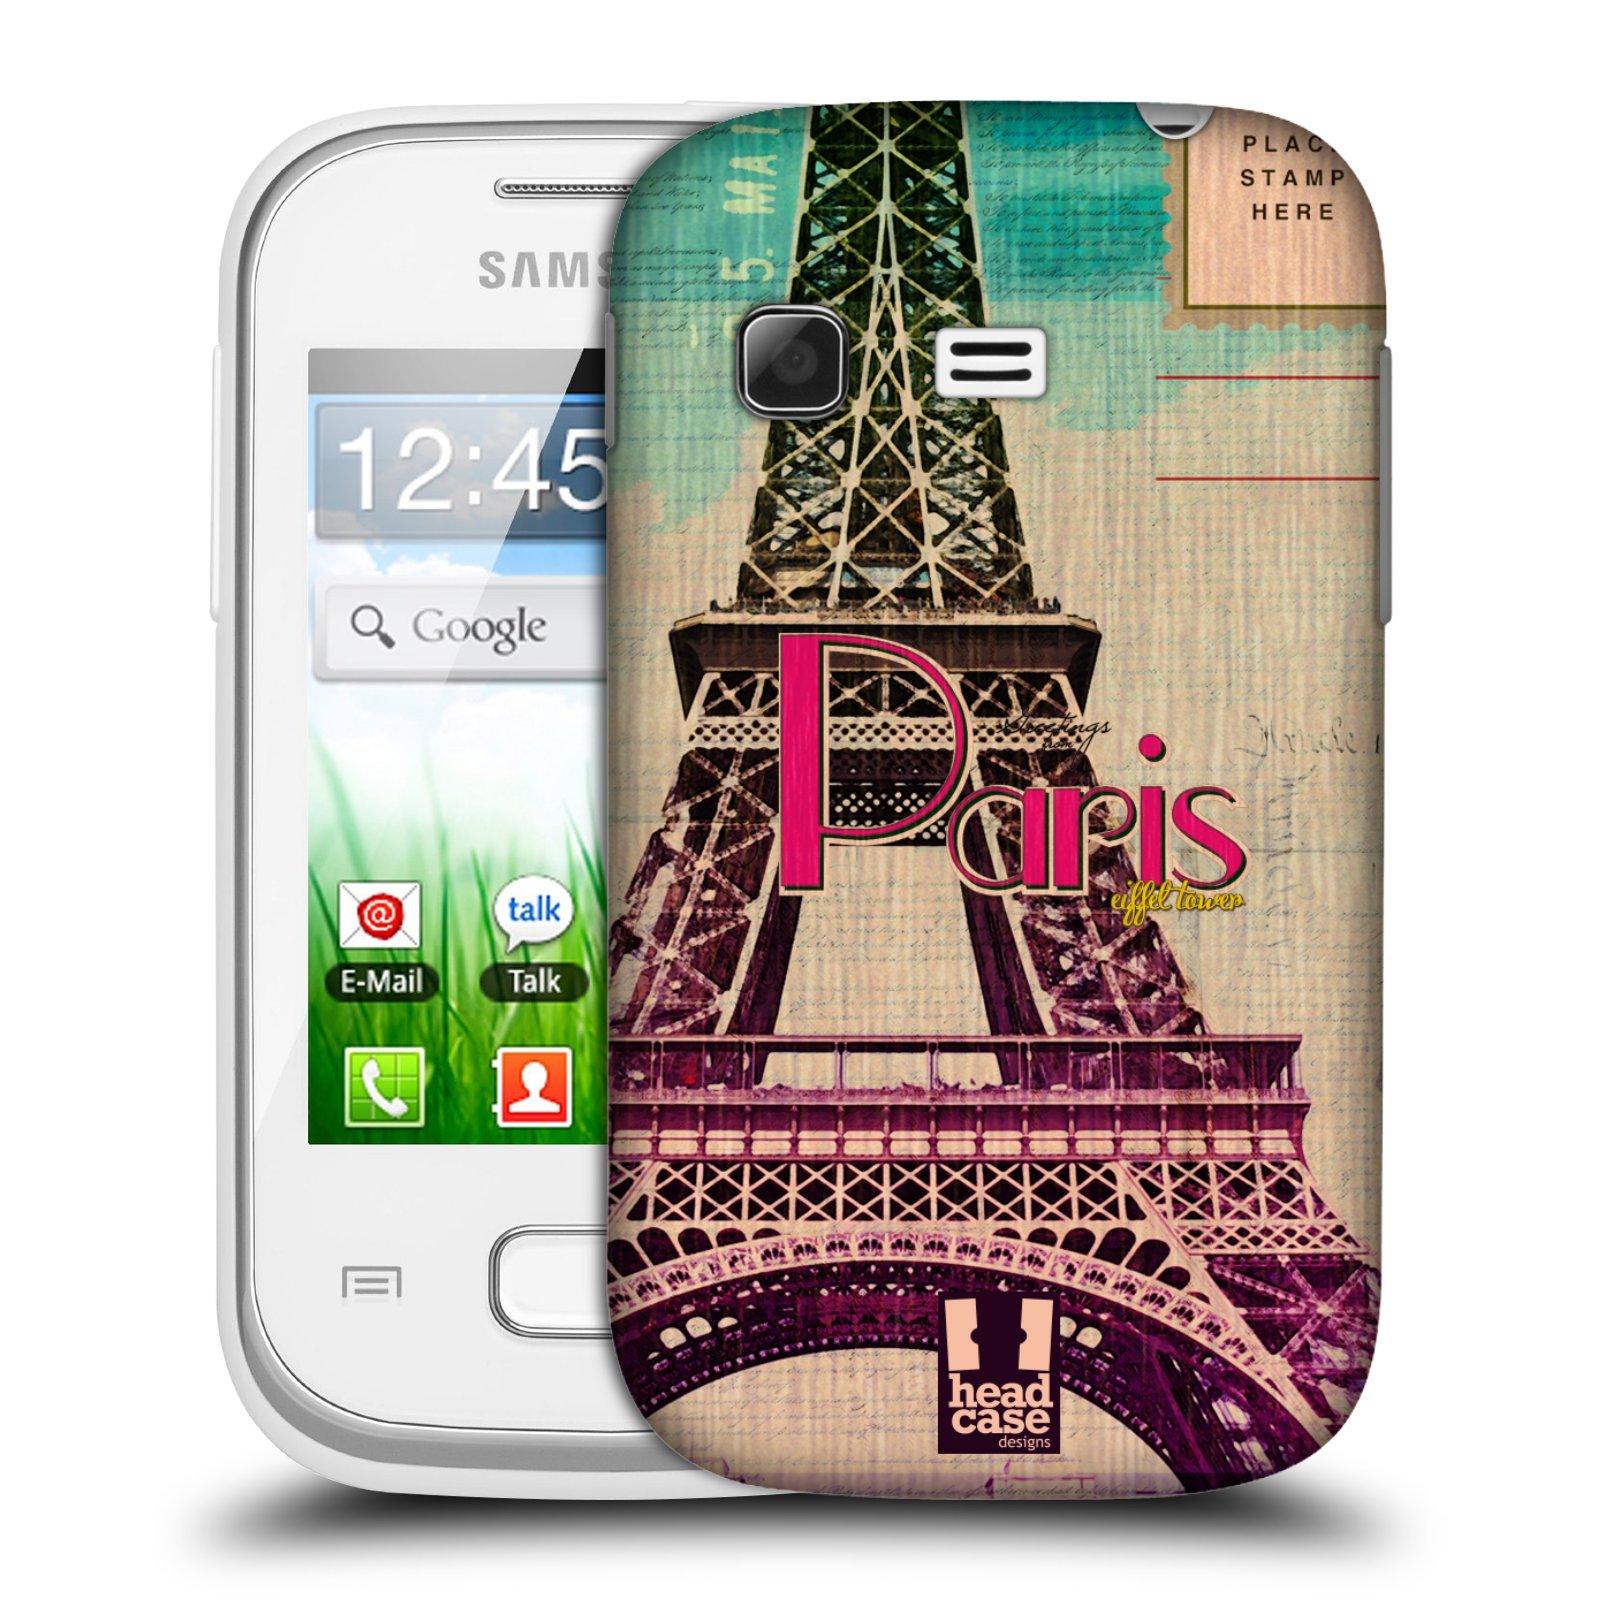 Plastové pouzdro na mobil Samsung Galaxy Pocket HEAD CASE PARIS VINTAGE (Kryt či obal na mobilní telefon Samsung Galaxy Pocket GT-S5300)